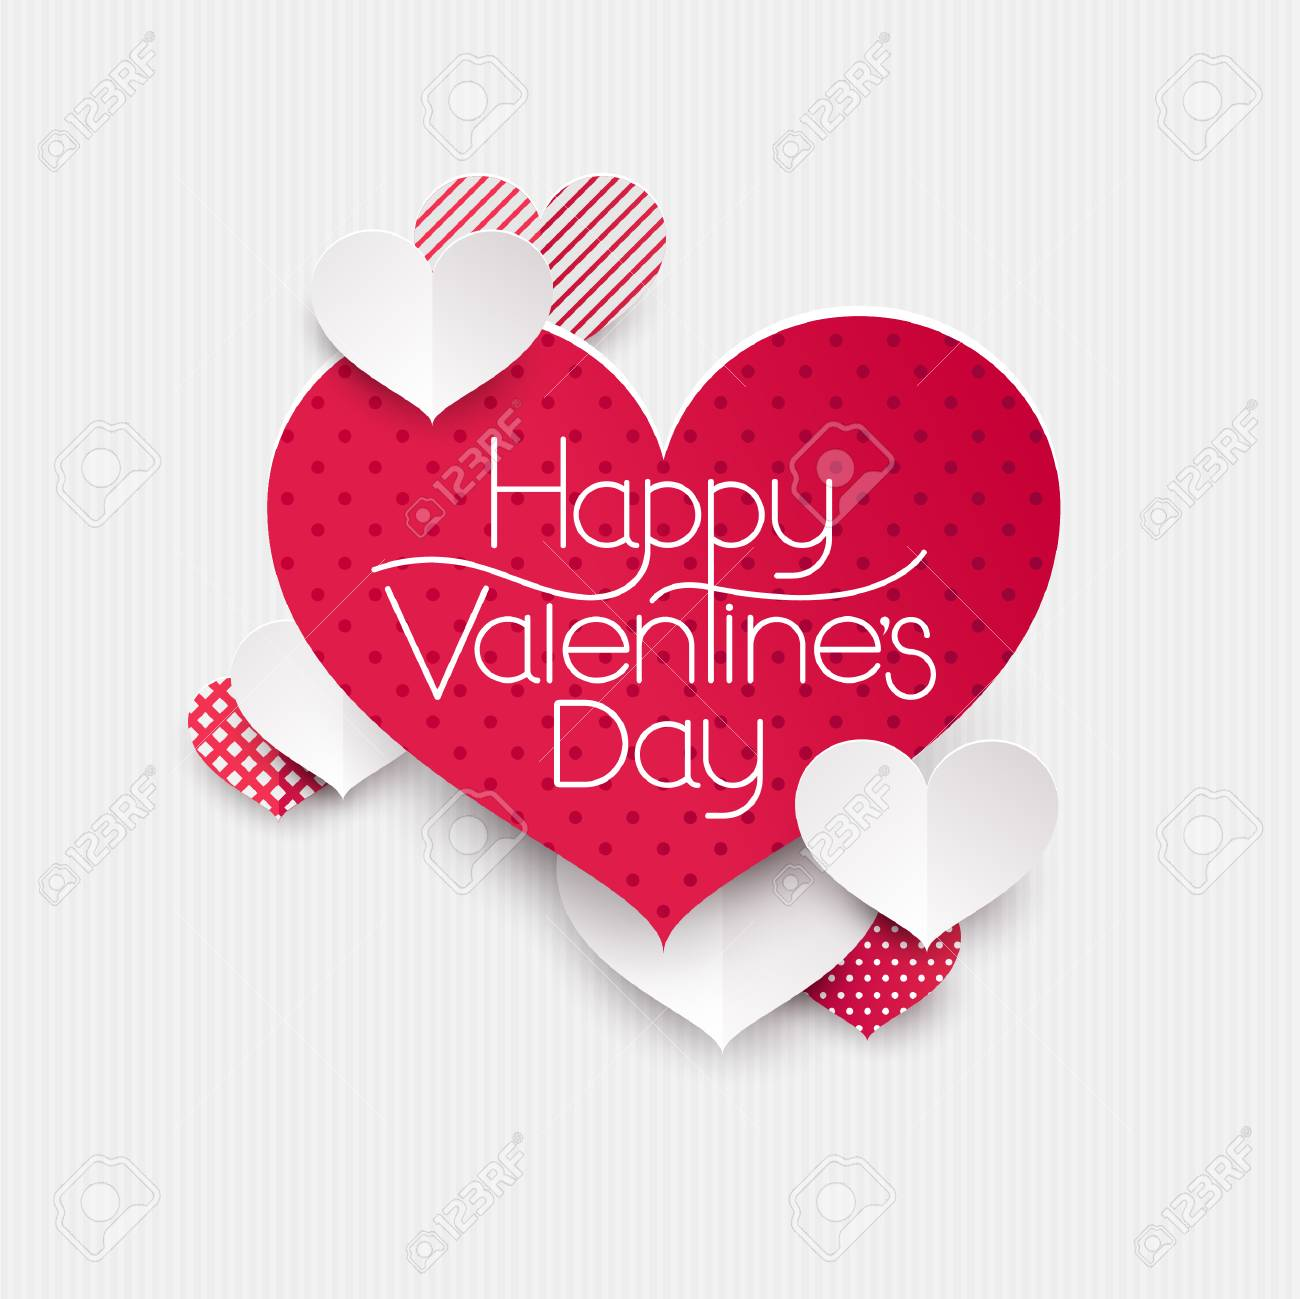 happy valentines day - 51375941